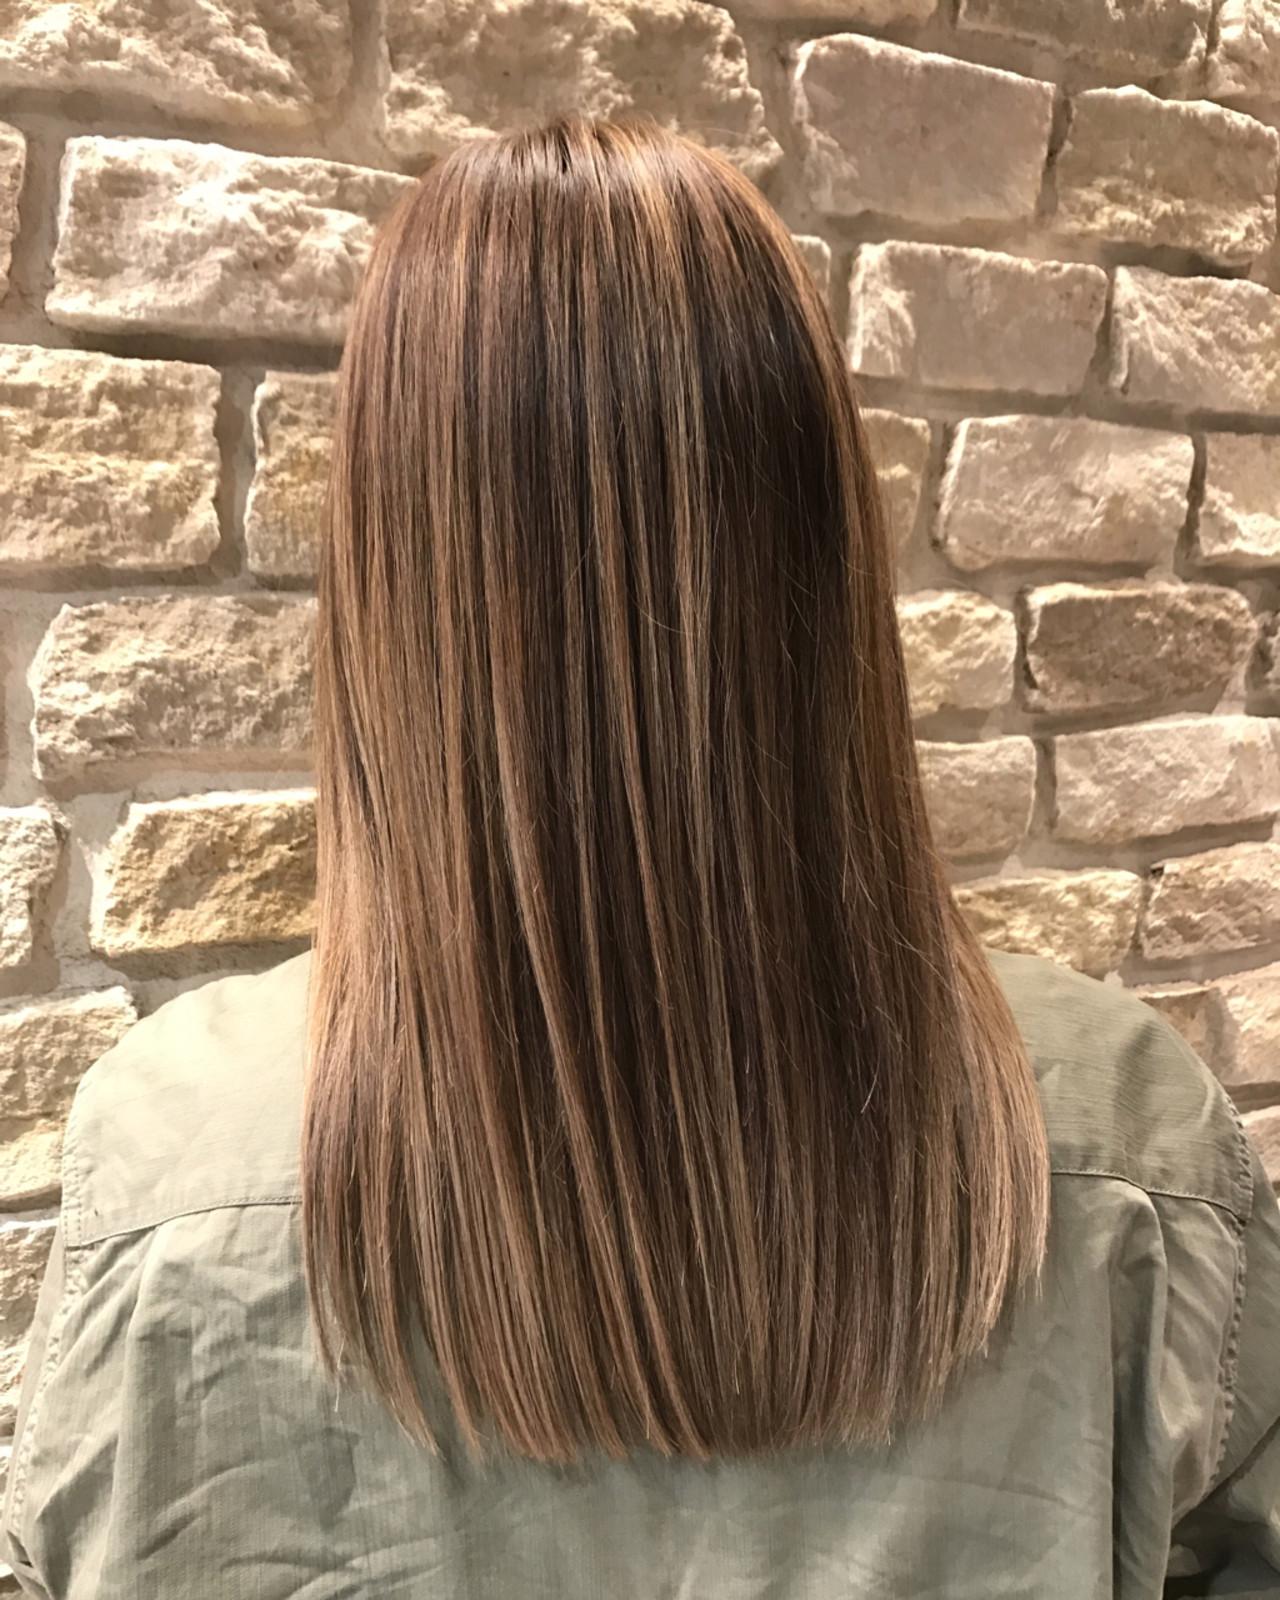 ロングの髪型!ストレートをヘアカラーでアレンジ8